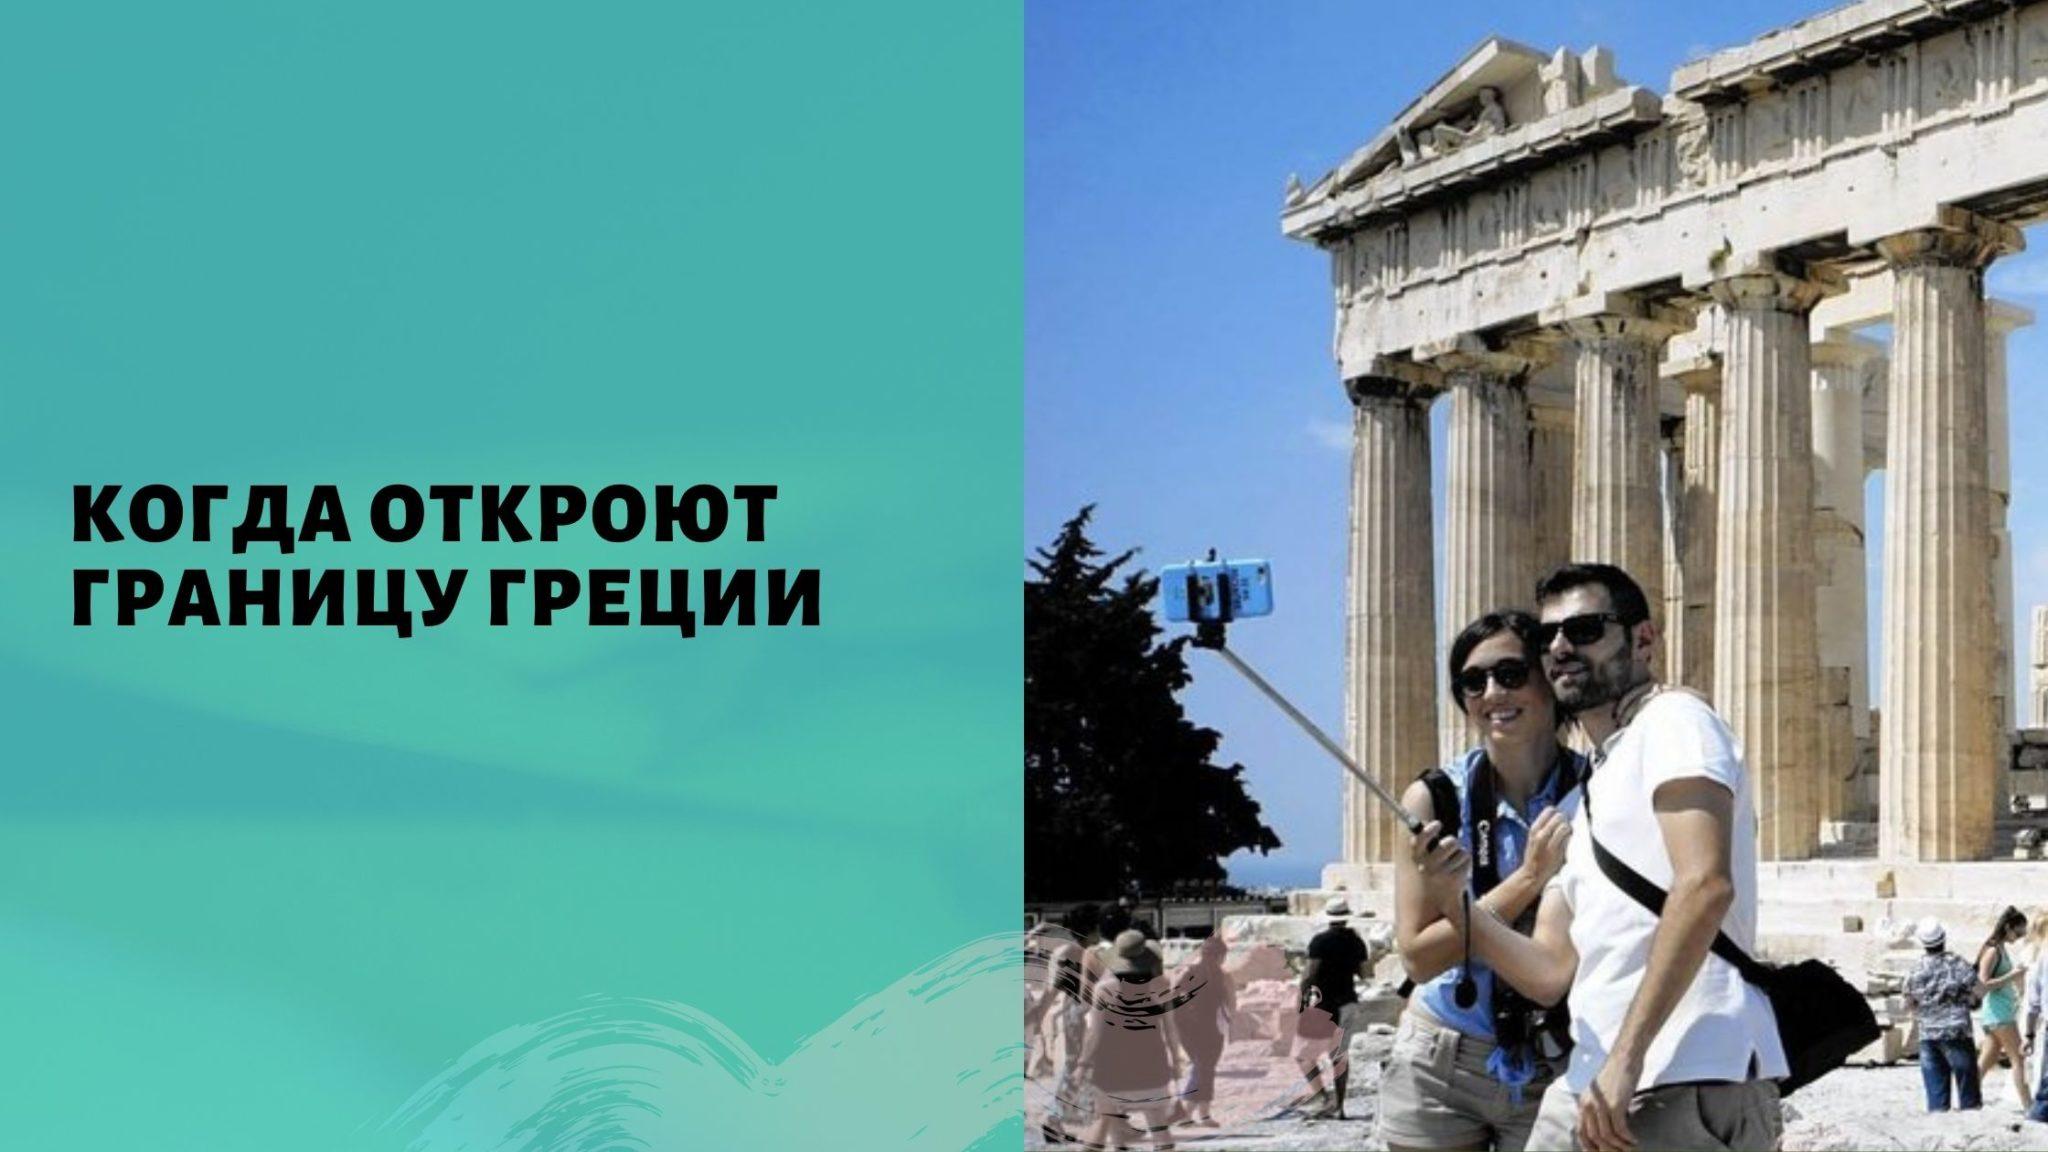 когда откроют границу греции